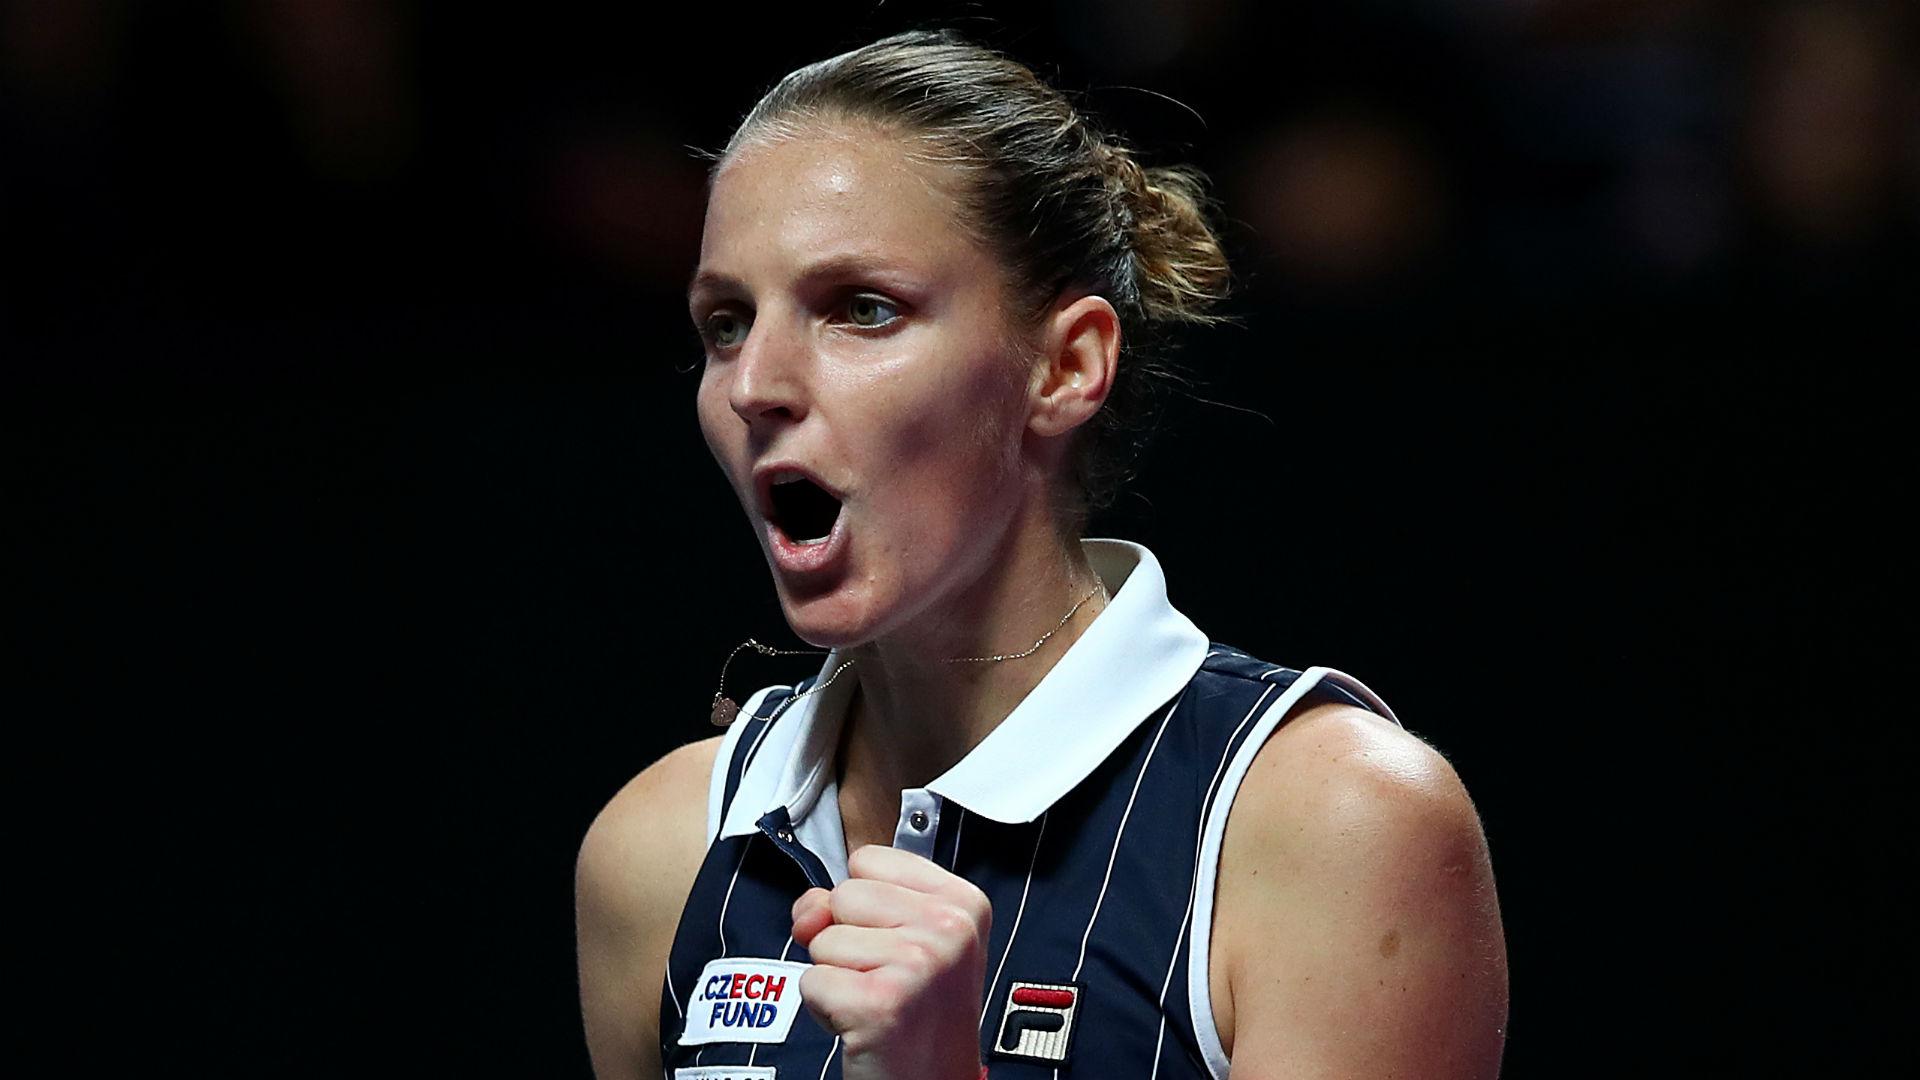 World number two Pliskova hires Vallverdu